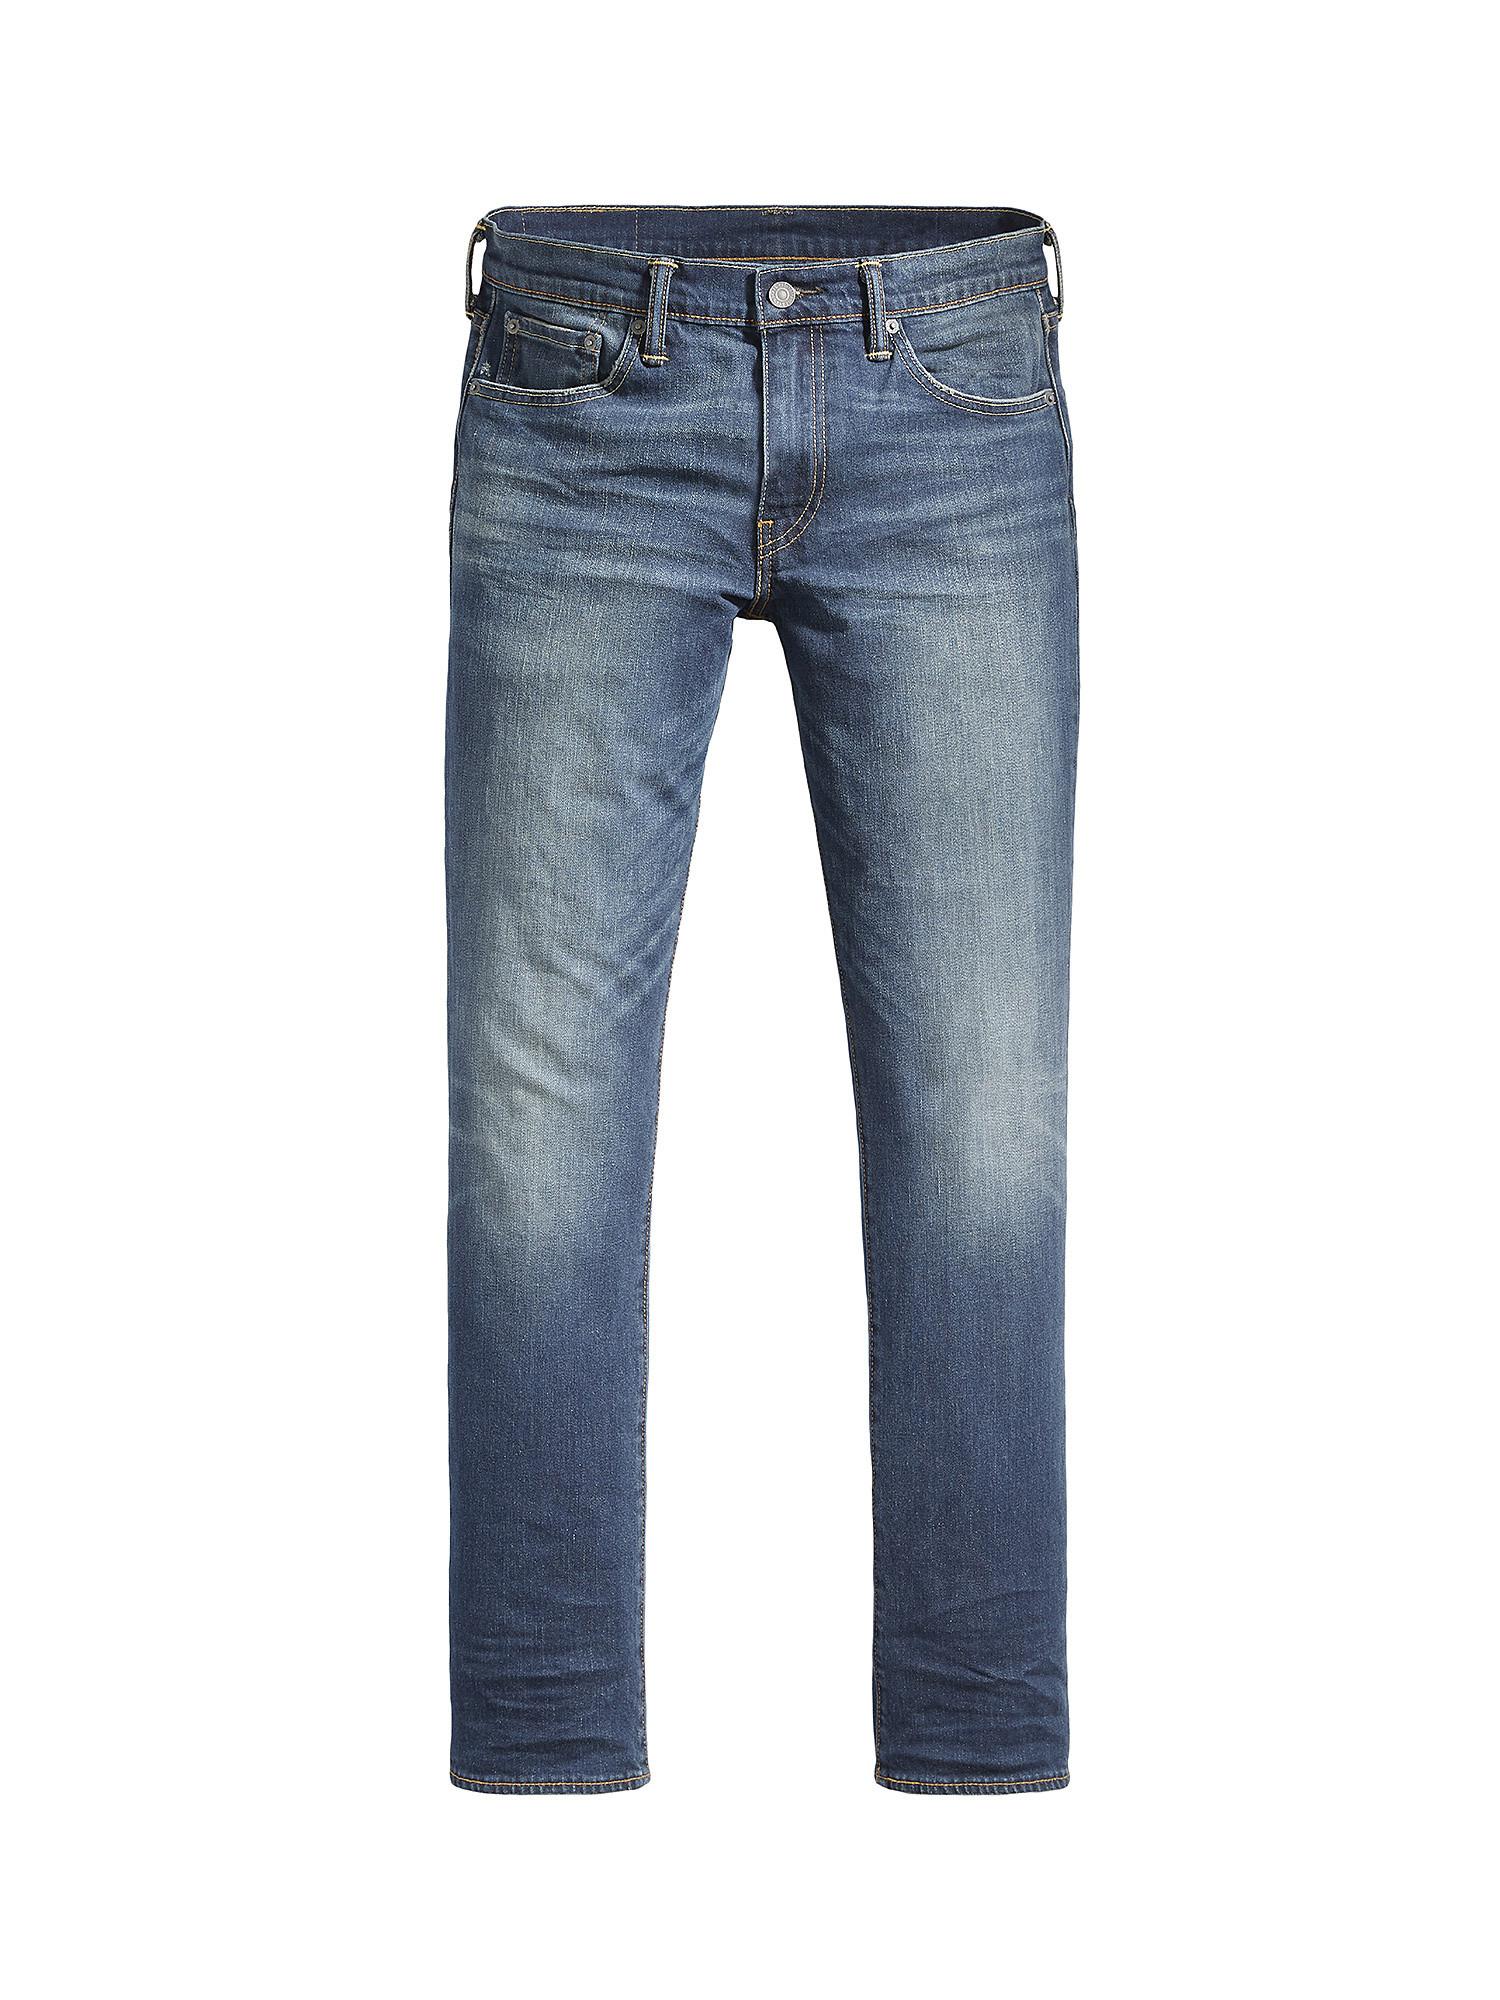 Jeans 5 tasche 511 Slim Fit, Denim, large image number 0